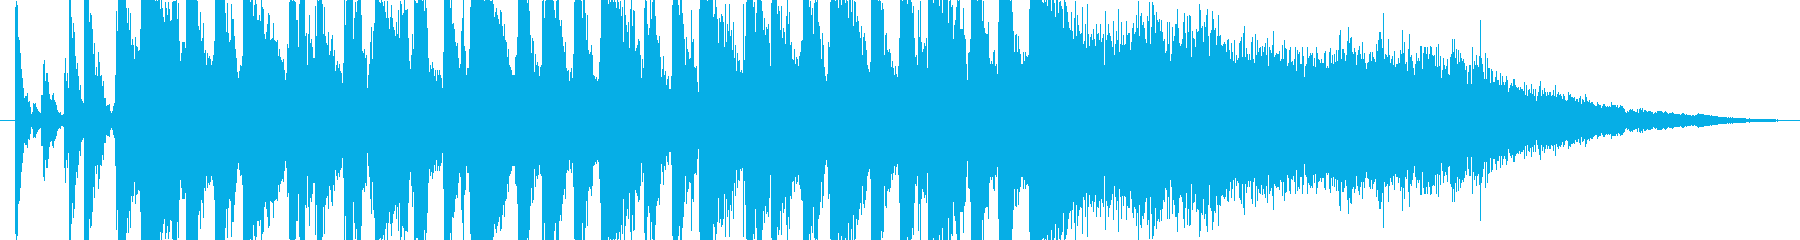 疾走感のある15秒のジャズ・サンバの再生済みの波形